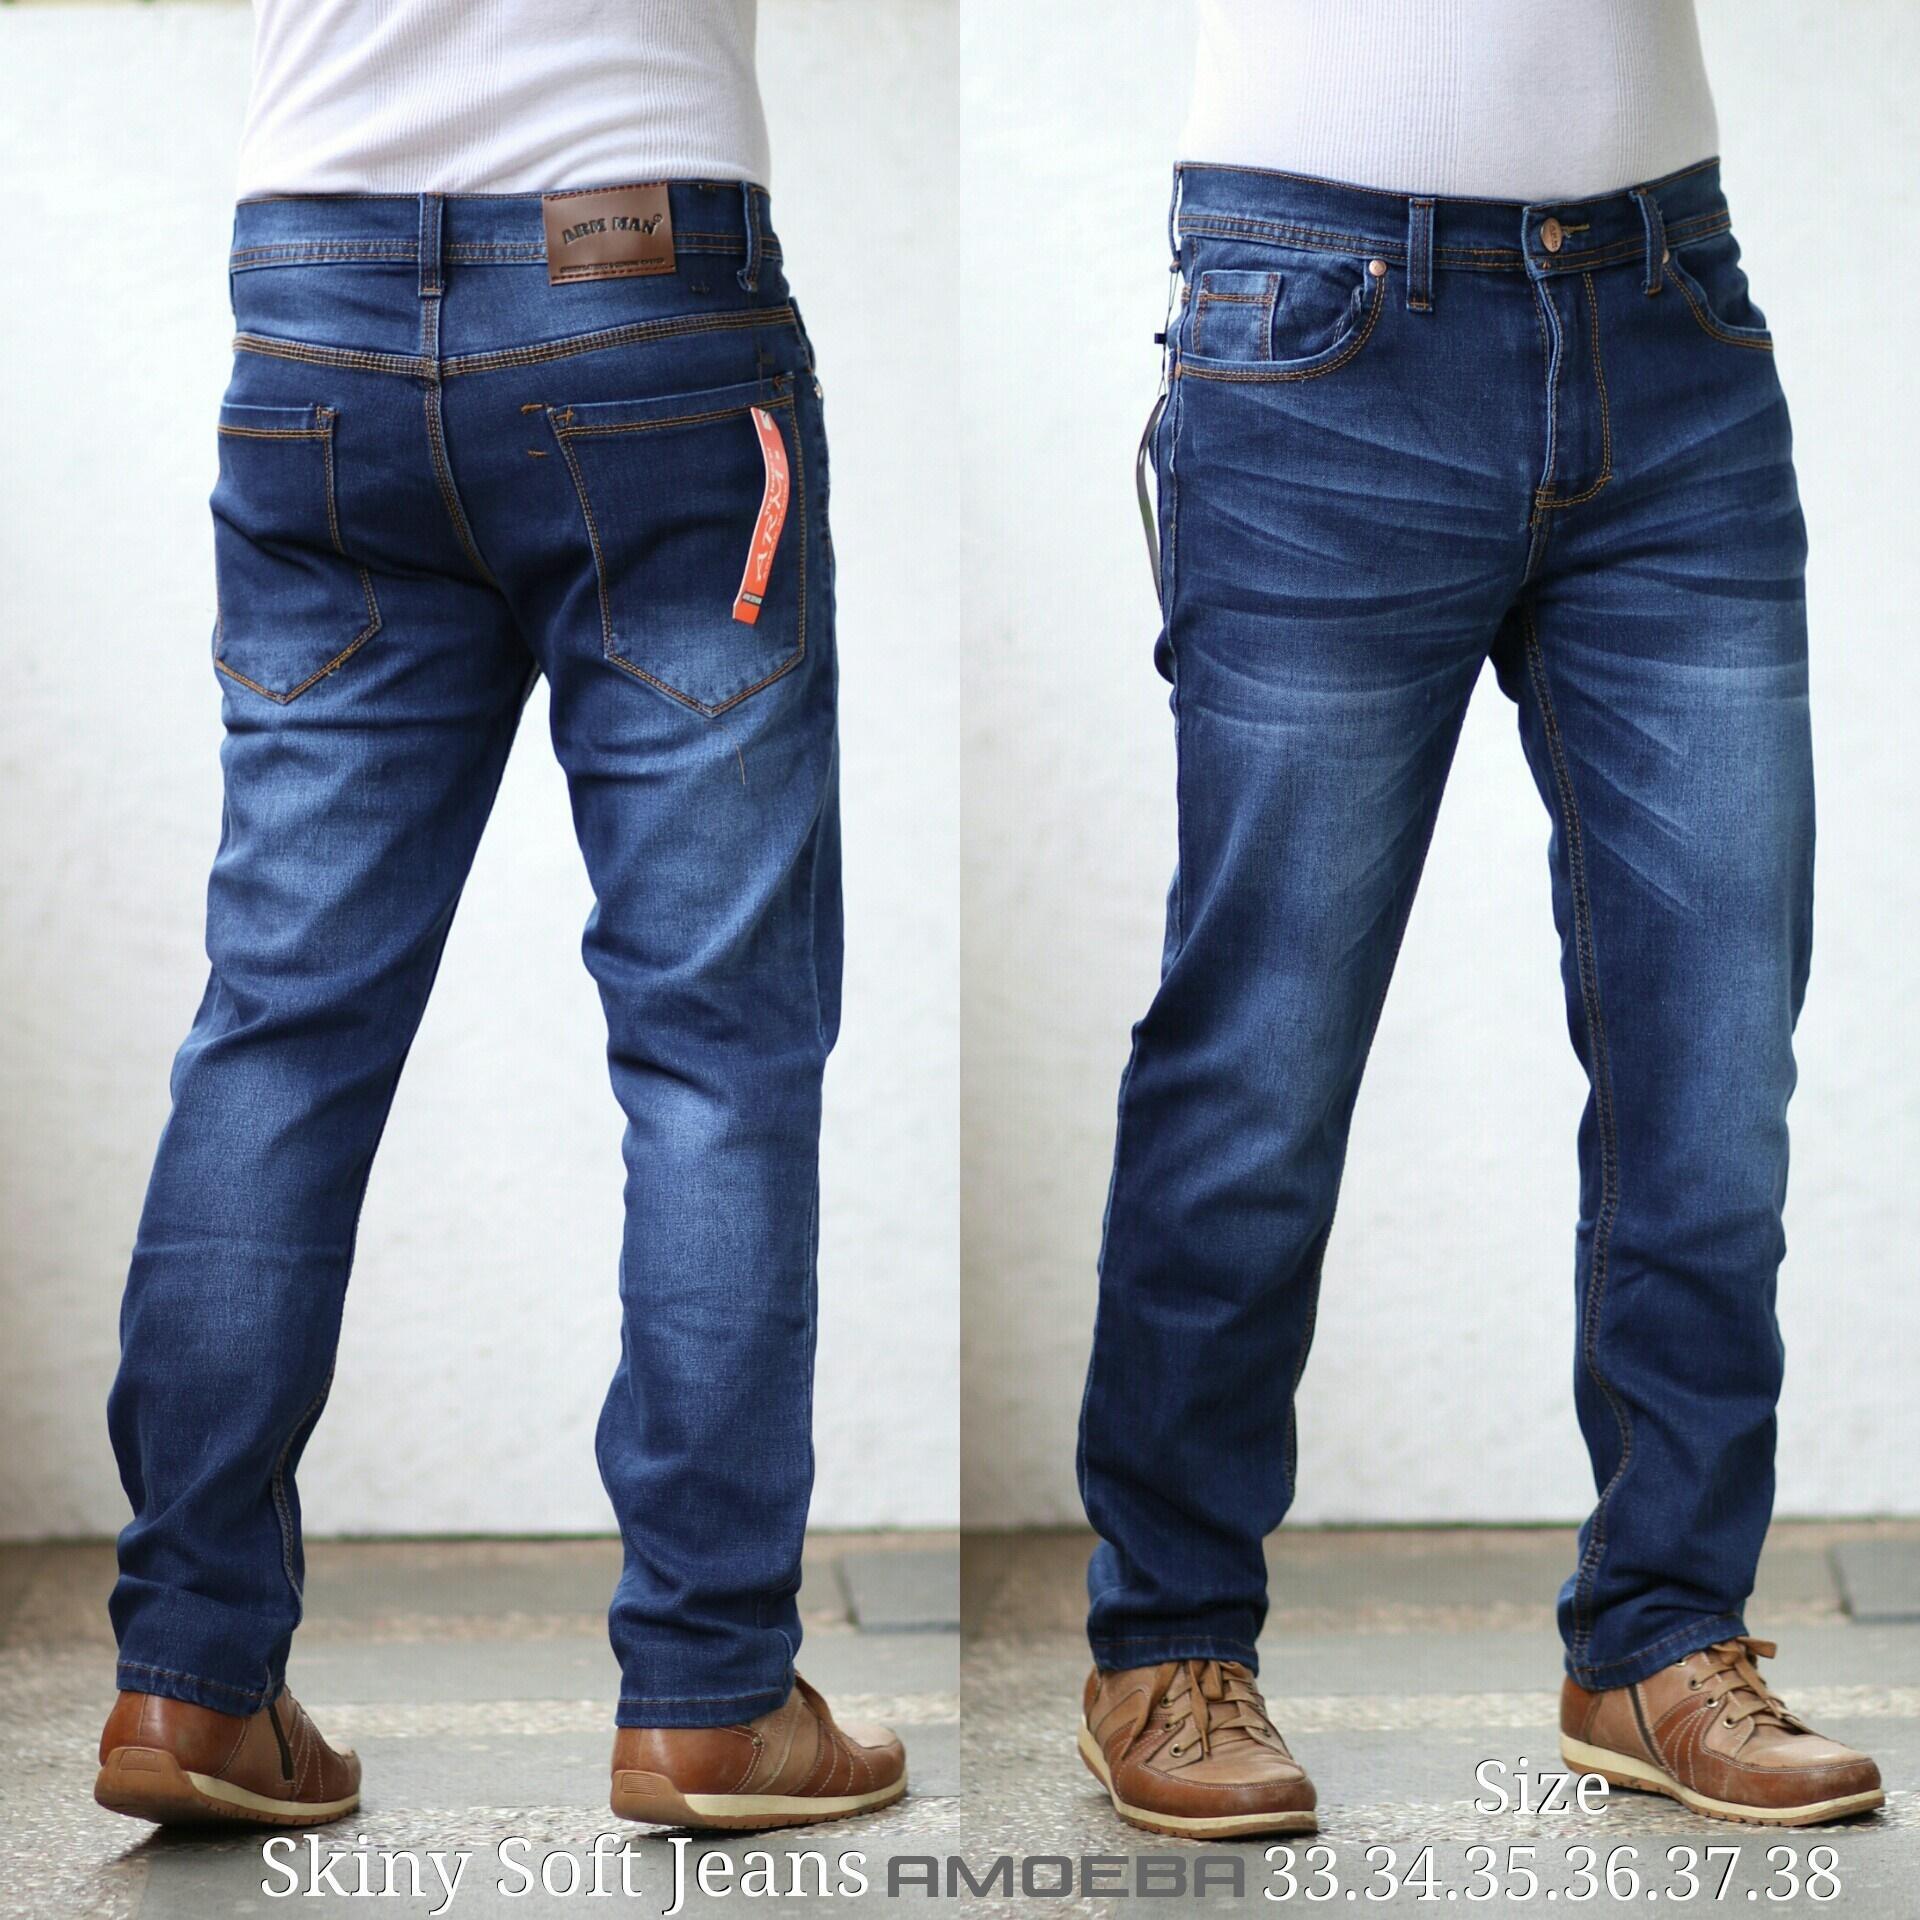 Celana Jeans Skinny Big Size/Slimfit Jumbo/Ukuran Besar Pria Murah